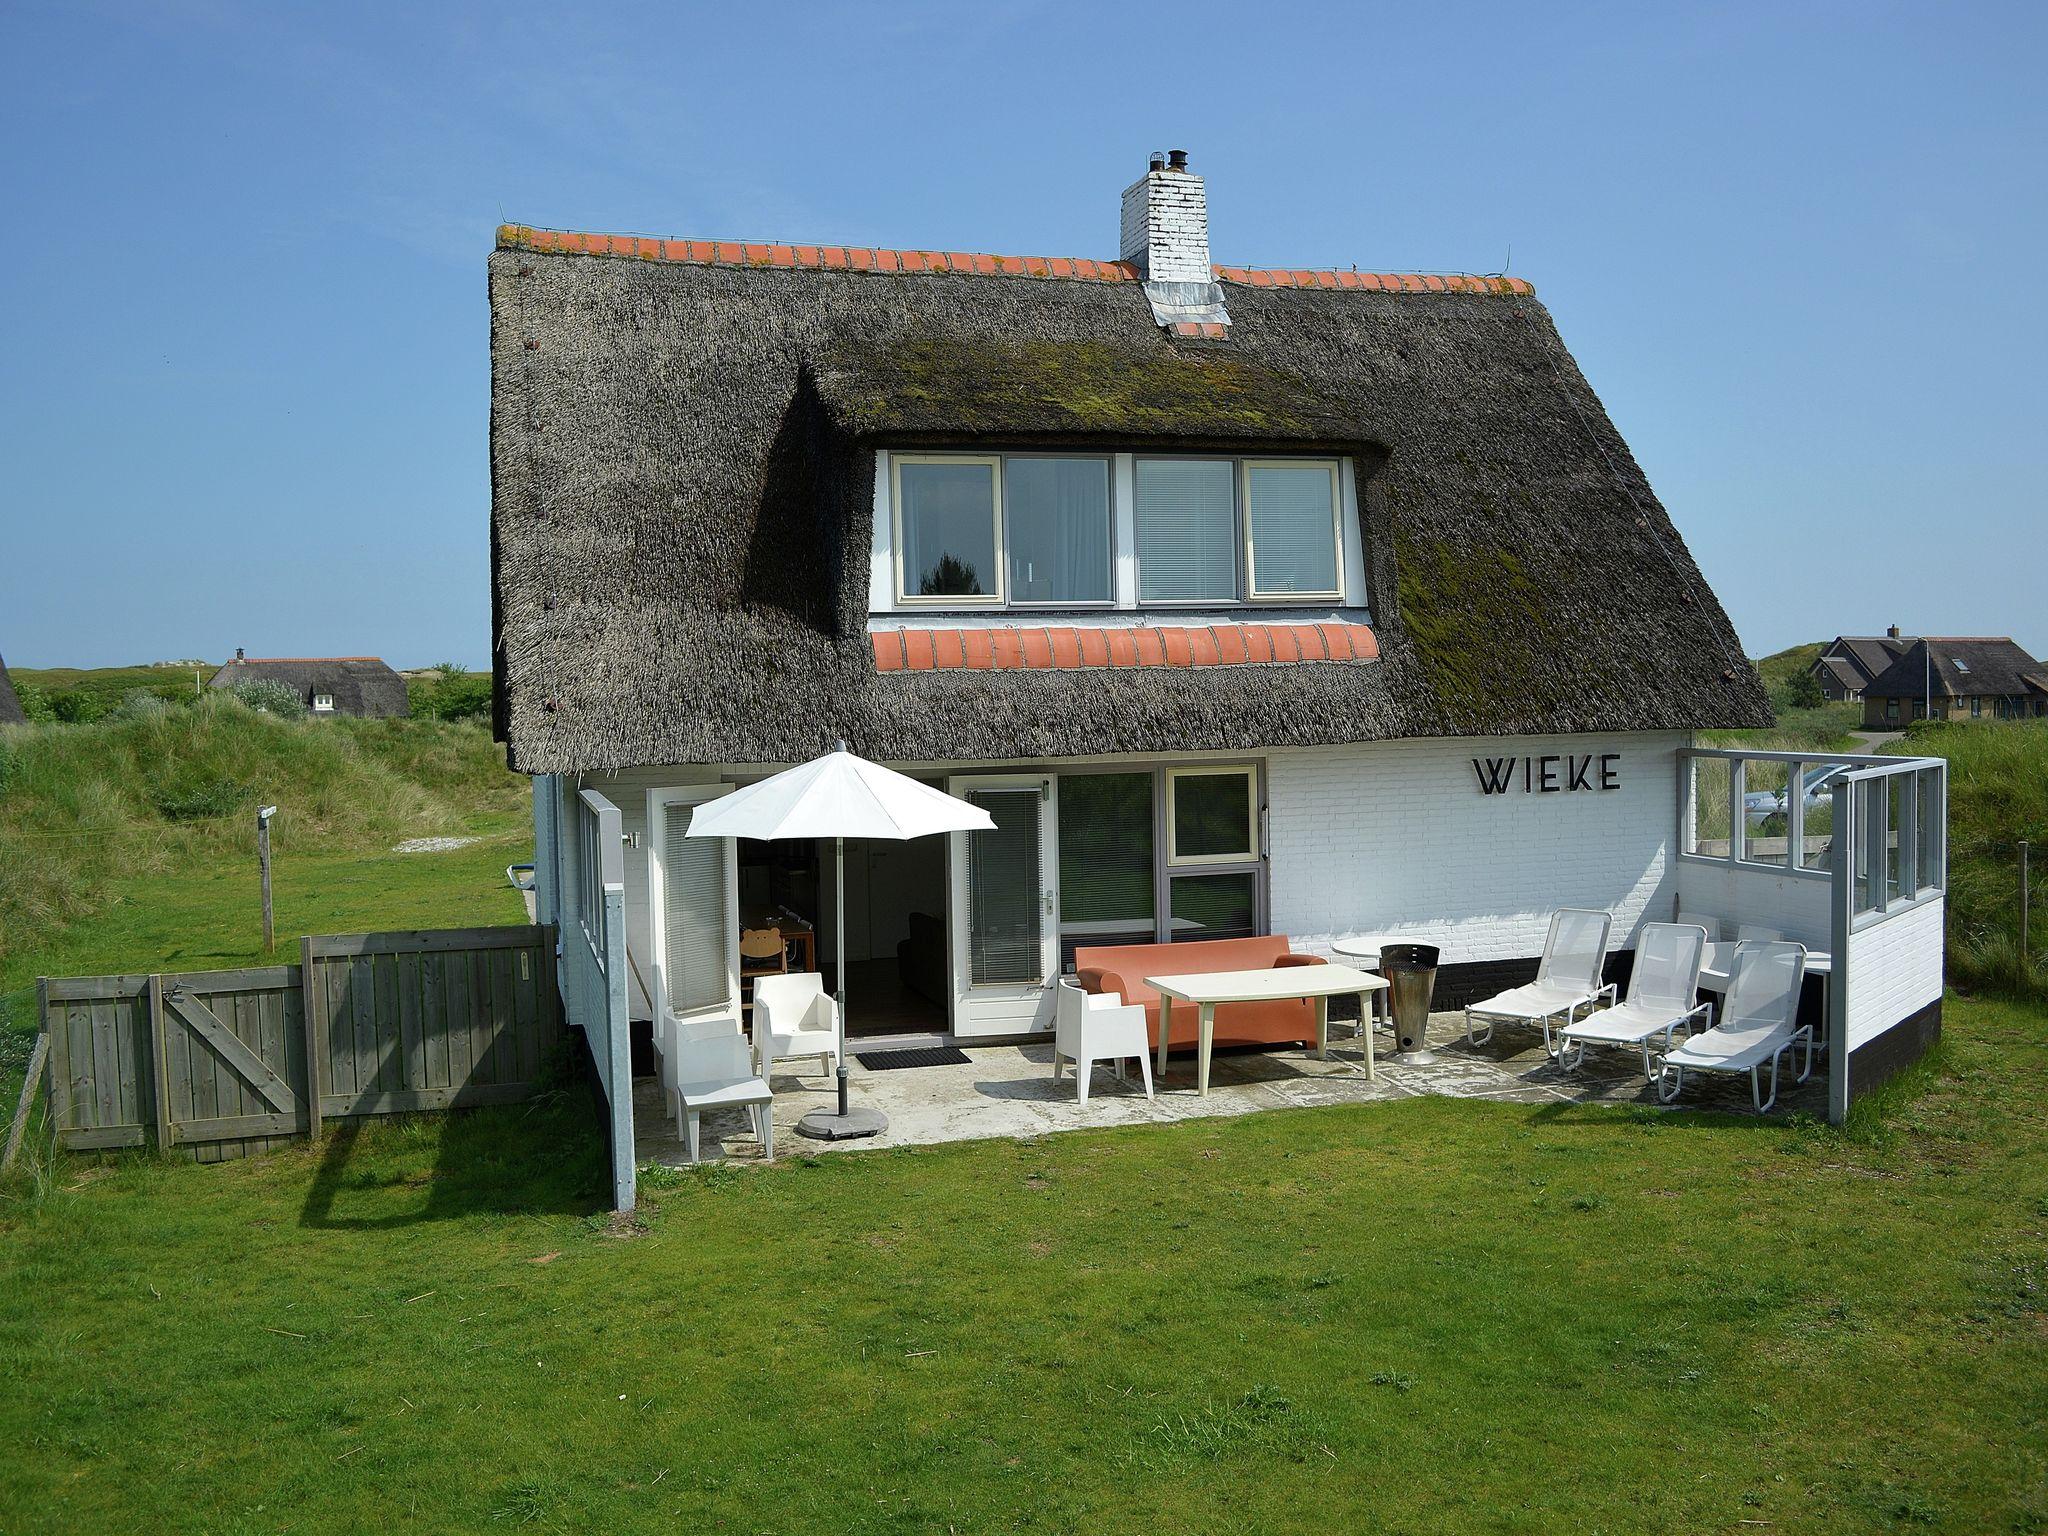 Natuurhuisje in Ameland 28601 - Nederland - Waddeneilanden - 6 personen